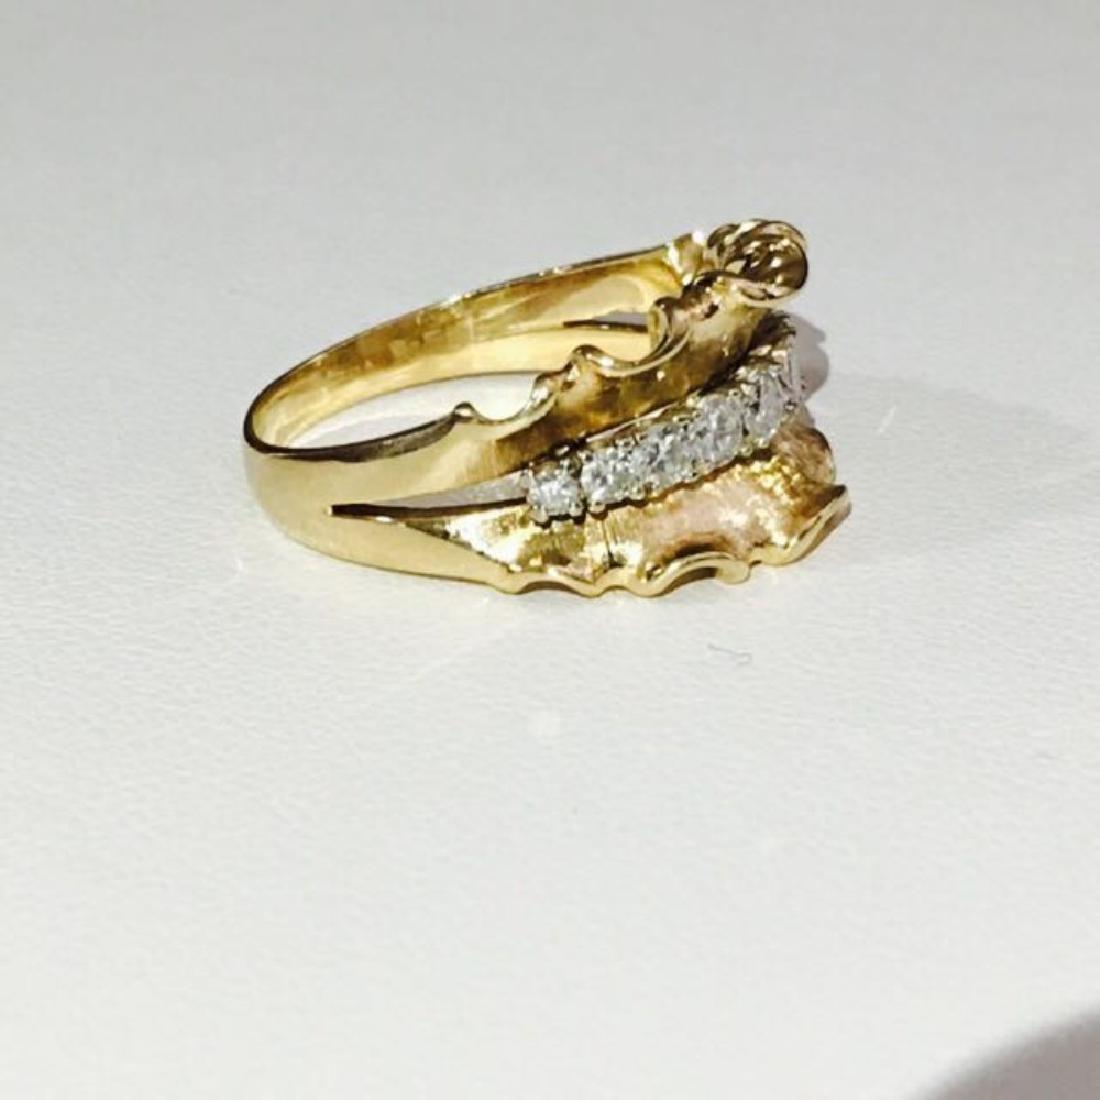 14K Yellow Gold, 1.10 Carat VINTAGE White Diamond Ring. - 3